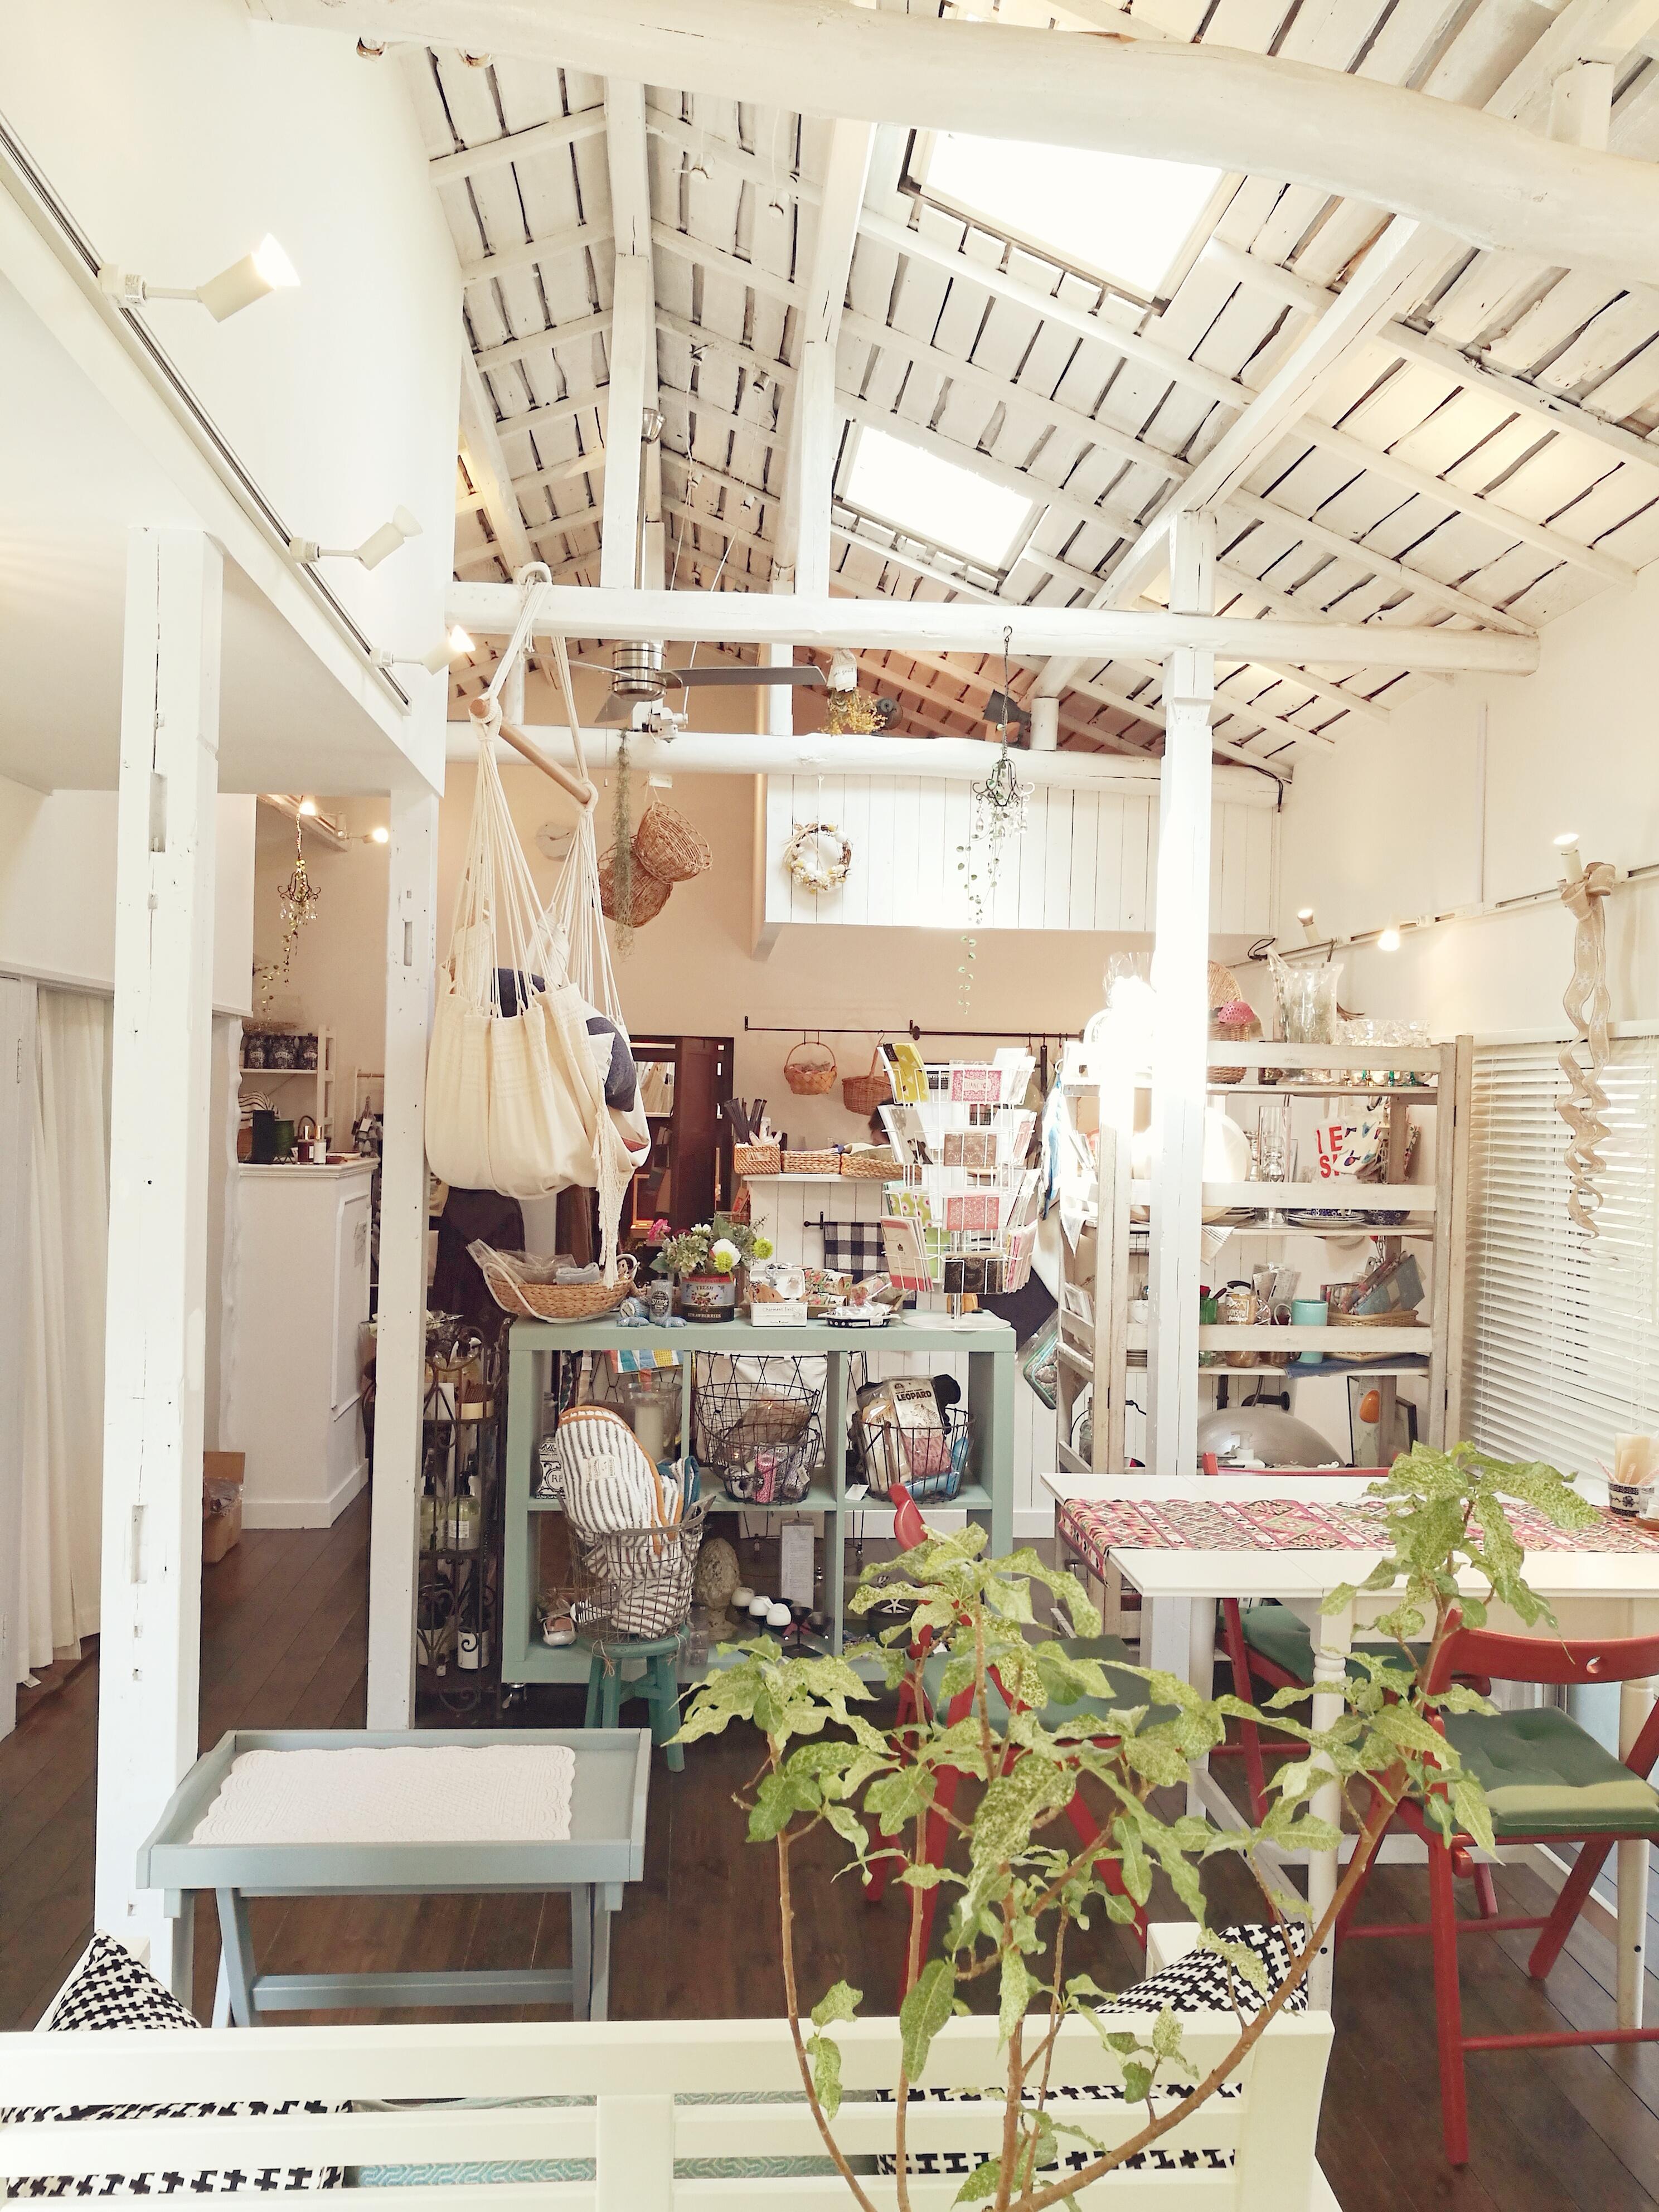 おひとり散歩のすゝめ♪横浜で見つけた隠れ家カフェ『tonerico』